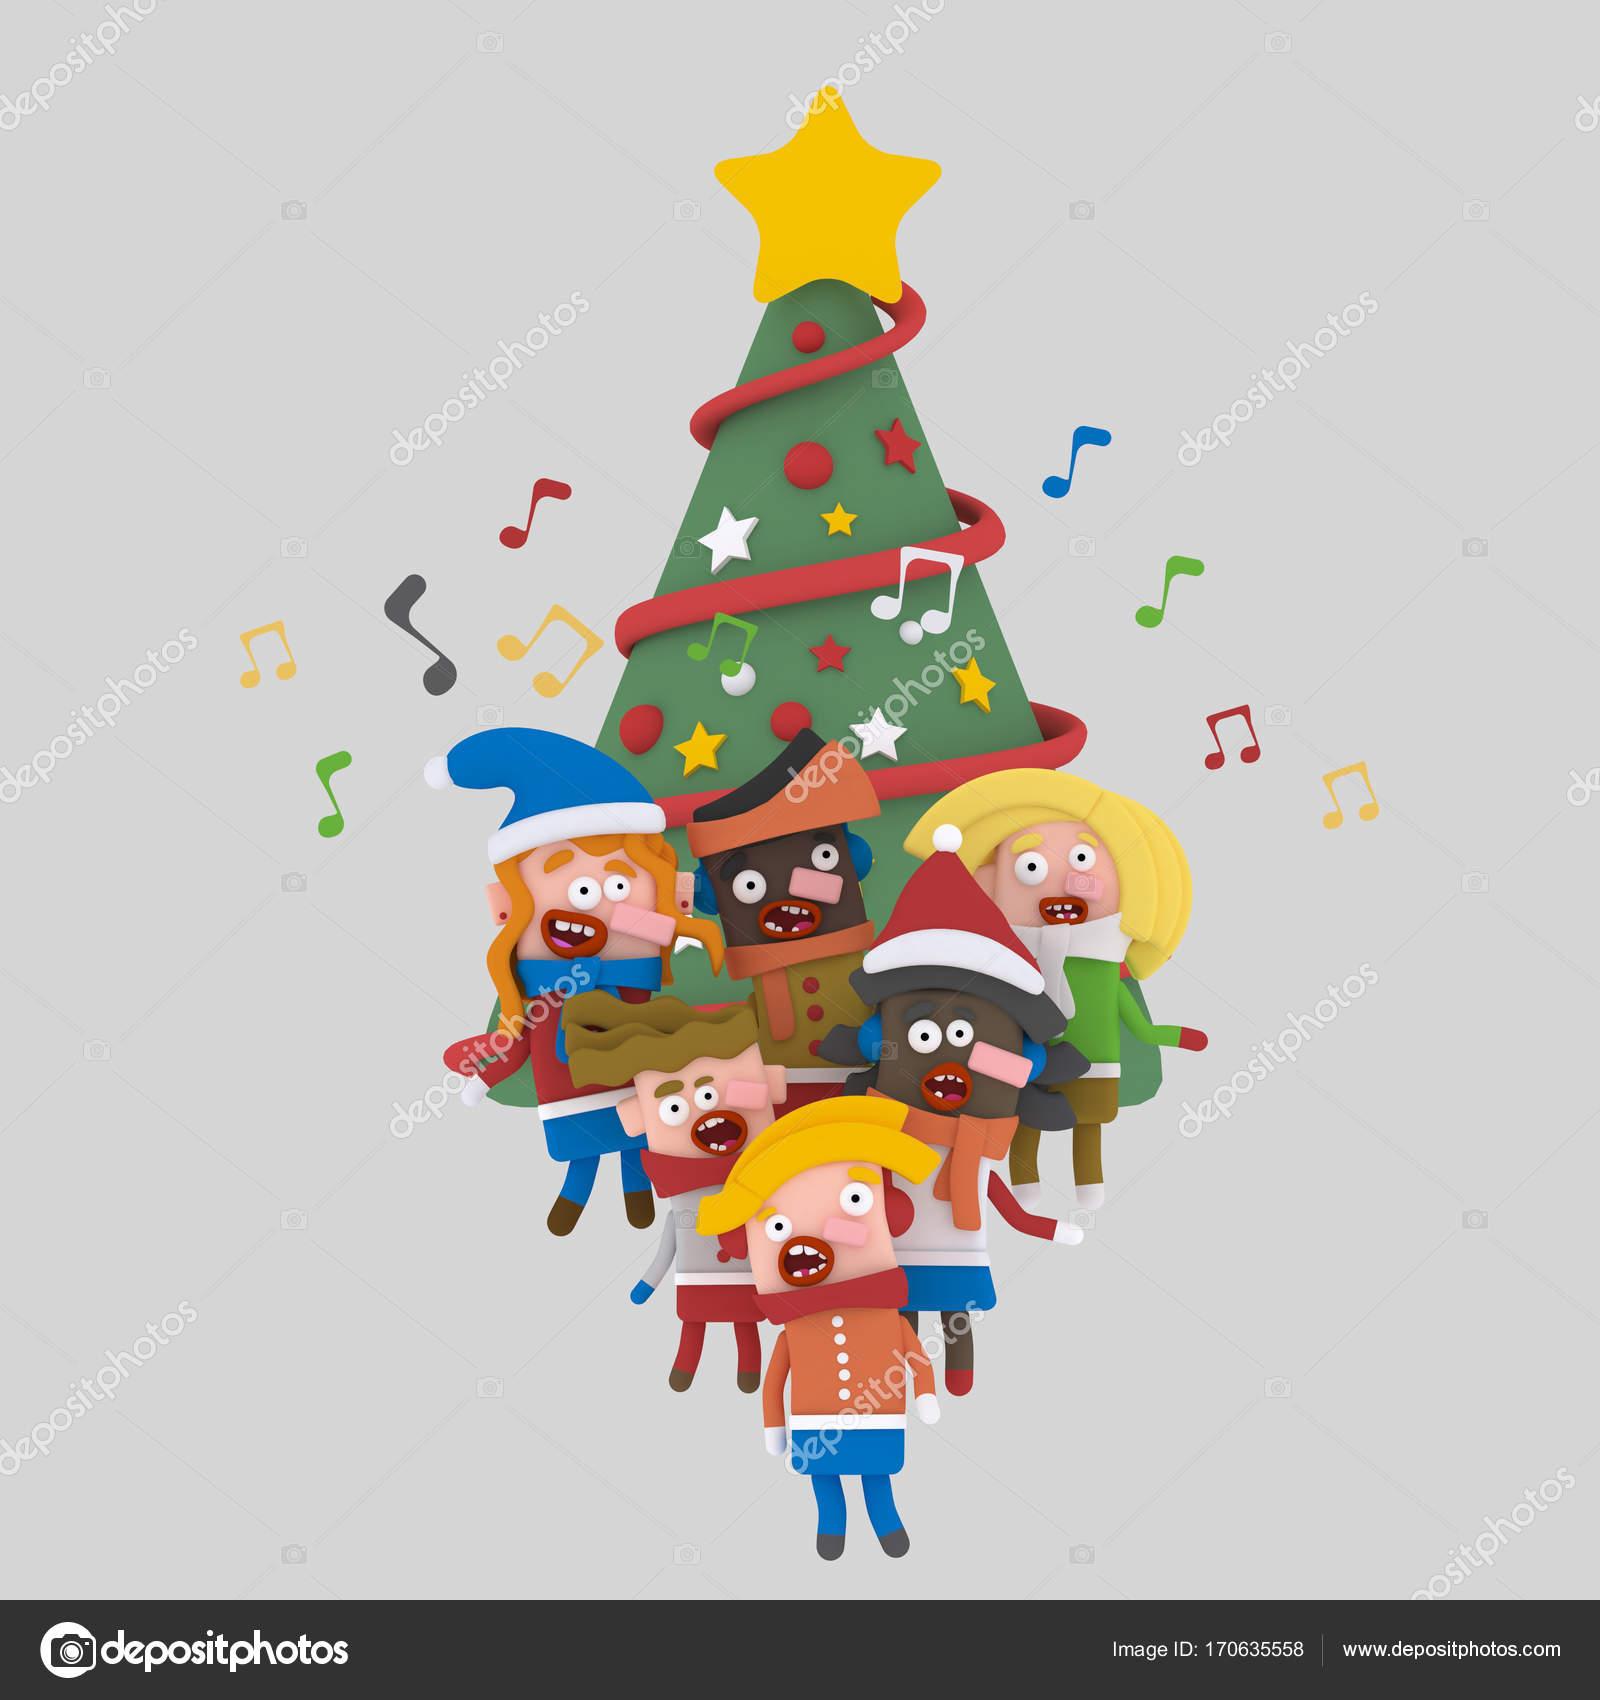 Kinder singen Weihnachten Lieder vor einem Xmas tree.3d Abbildung ...